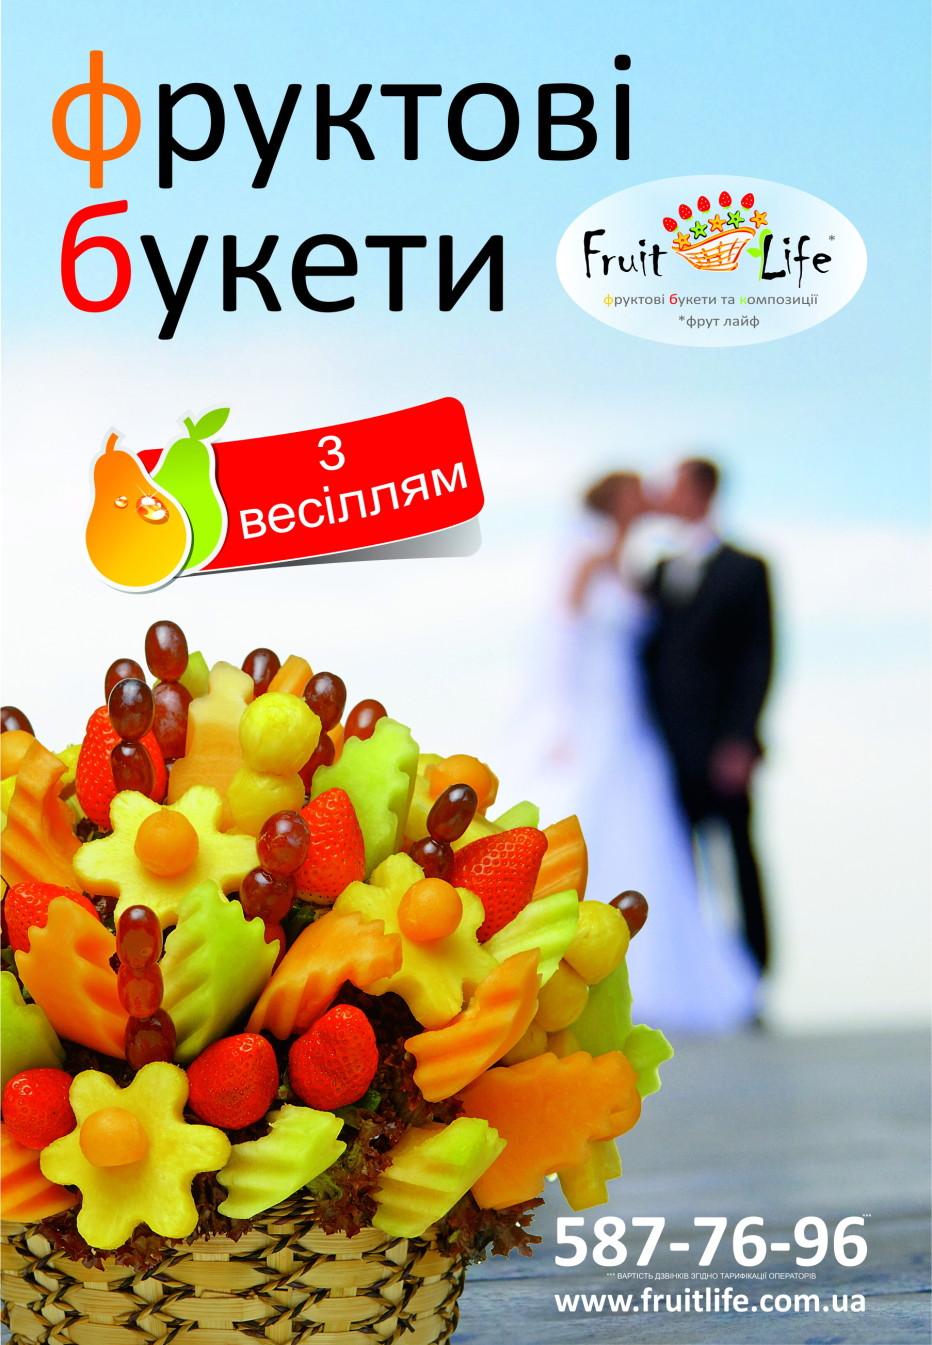 Fruitlife